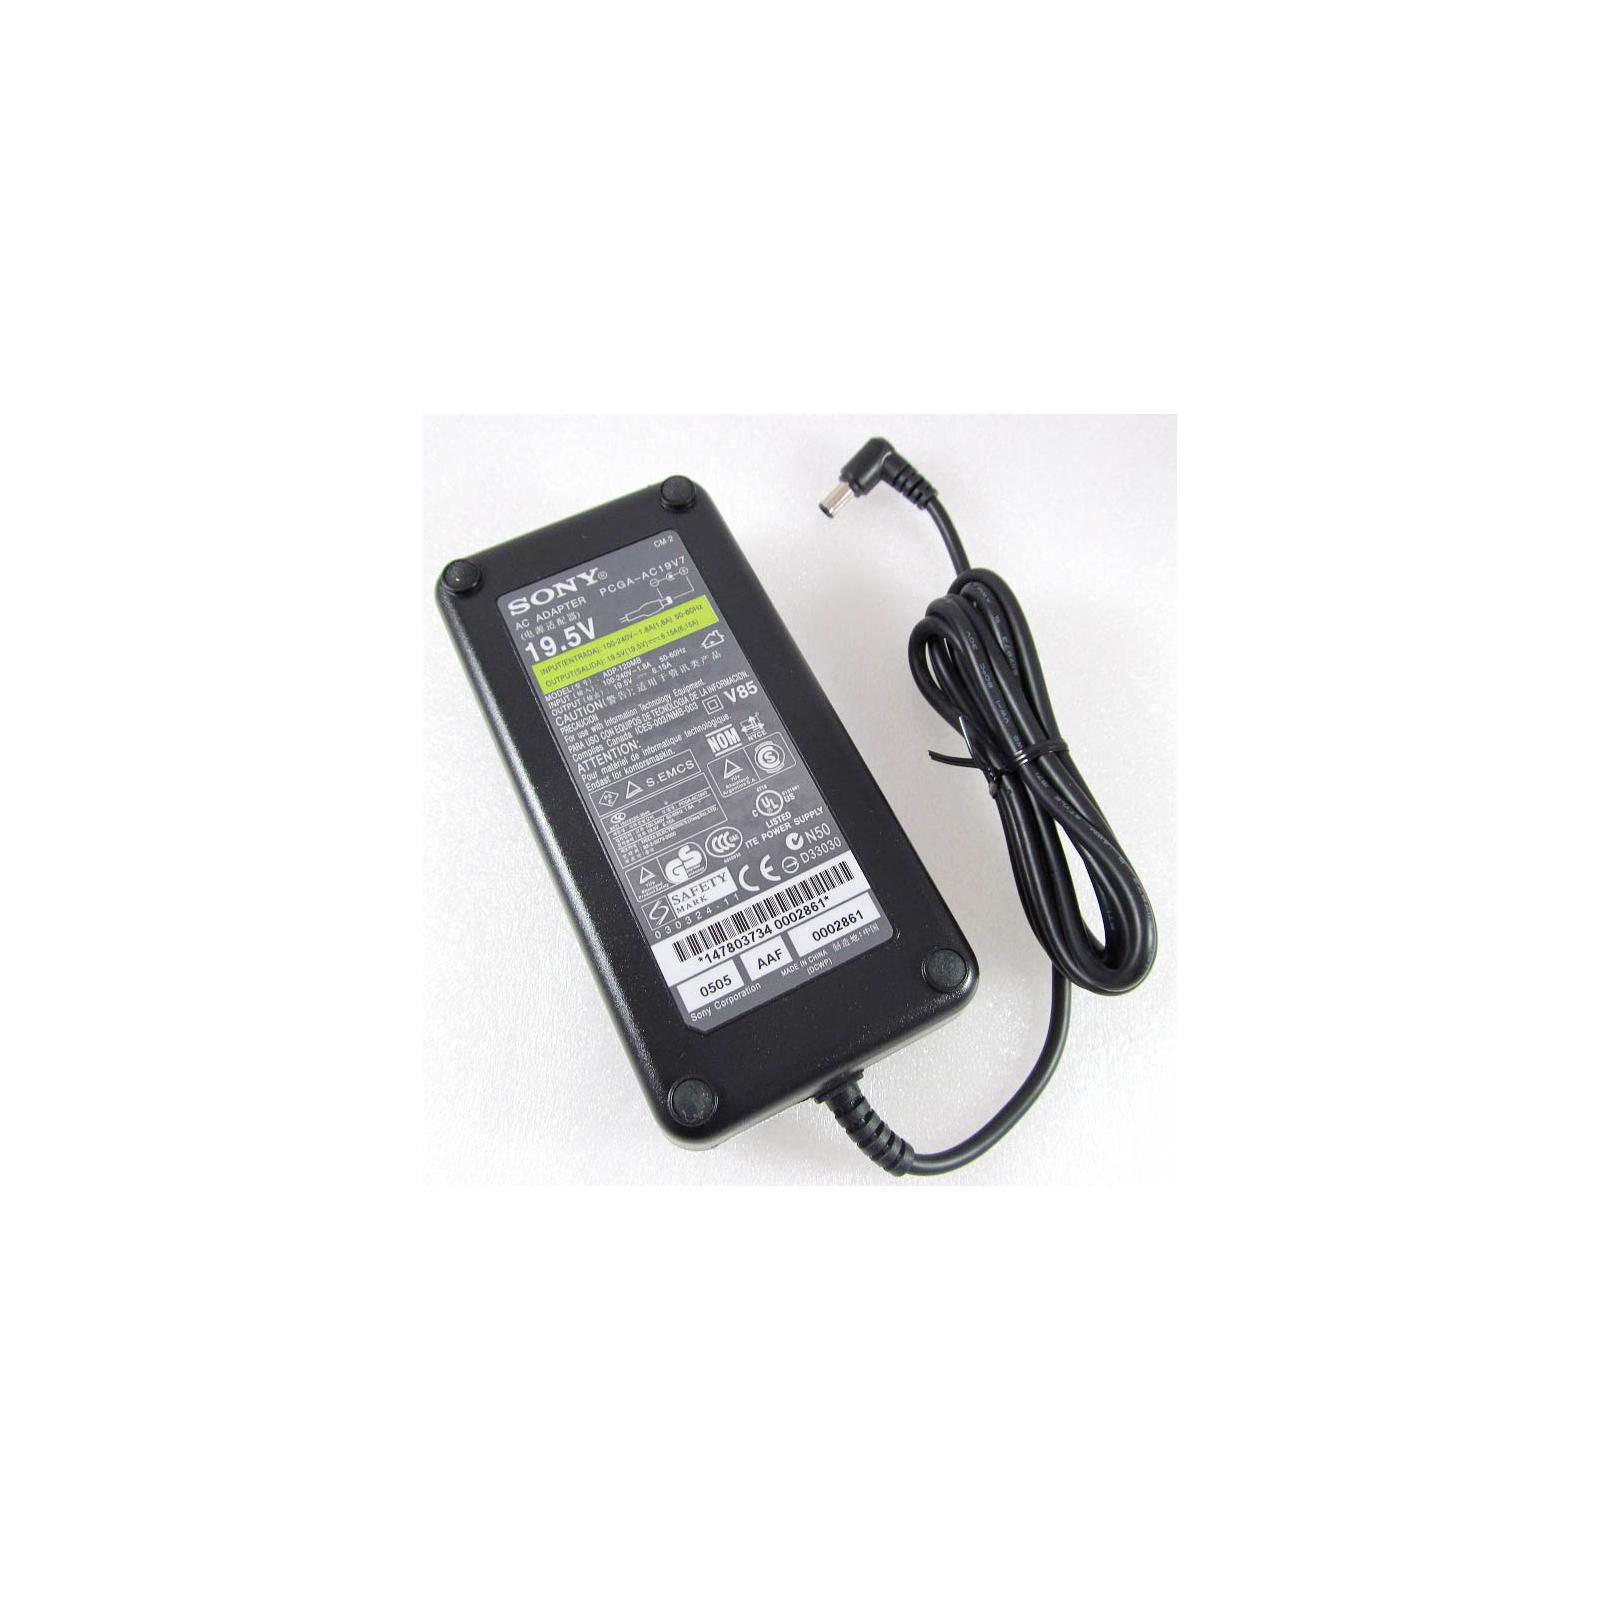 Блок питания к ноутбуку SONY 120W 19.5V 6.15A разъем 6.5/4.4(pin inside) (ADP-120MB / PCGA-AC19V7)